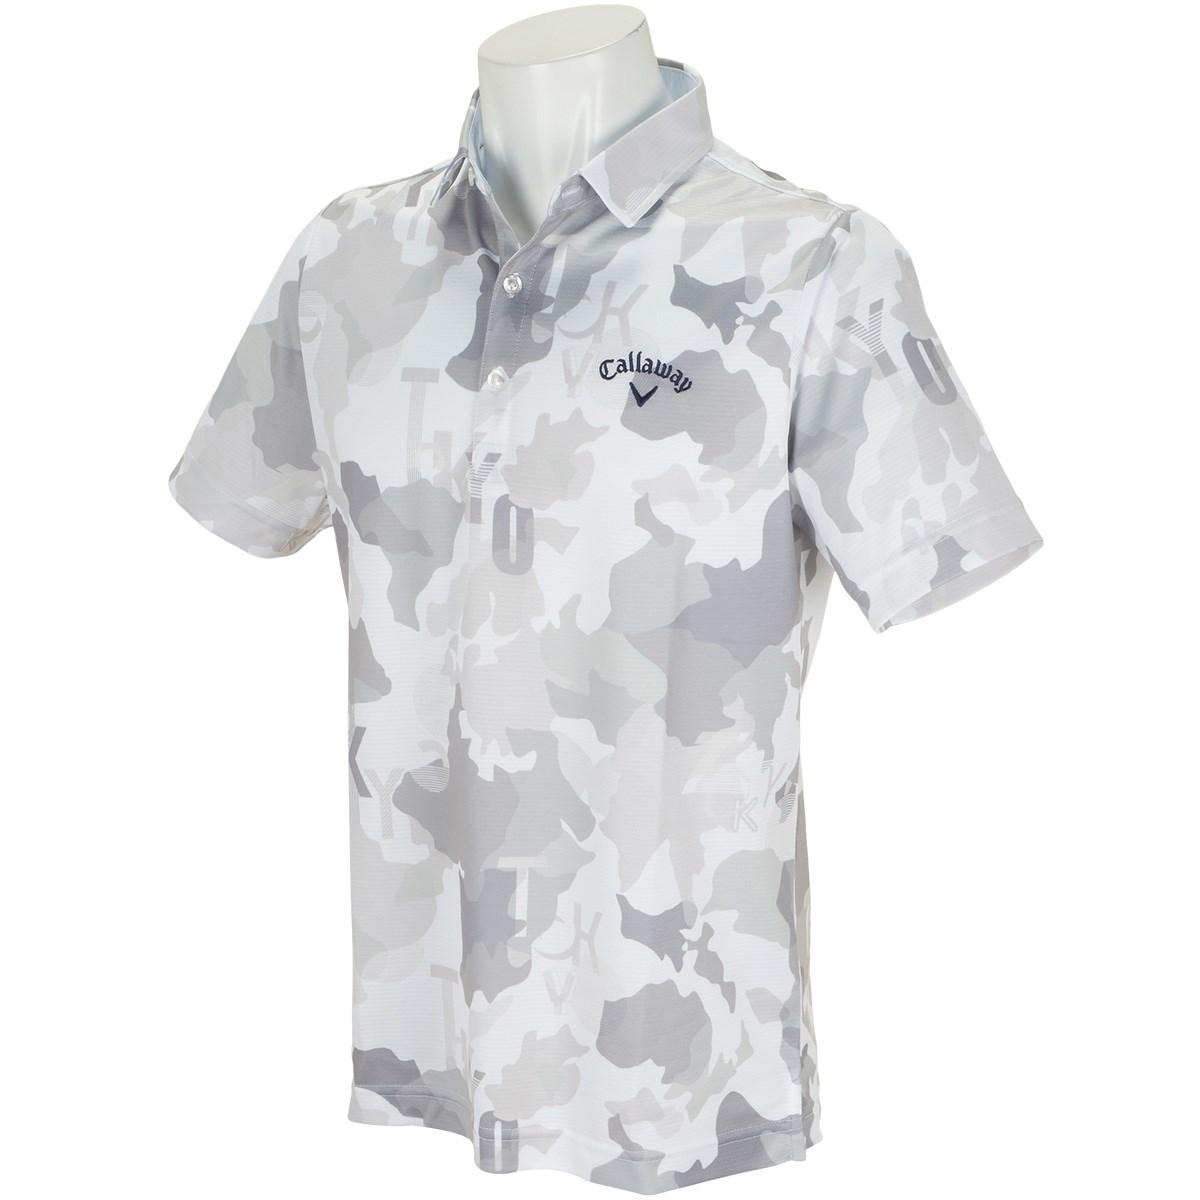 キャロウェイゴルフ Callaway Golf 変形鹿の子マッププリント カラー半袖ポロシャツ M グレー 020